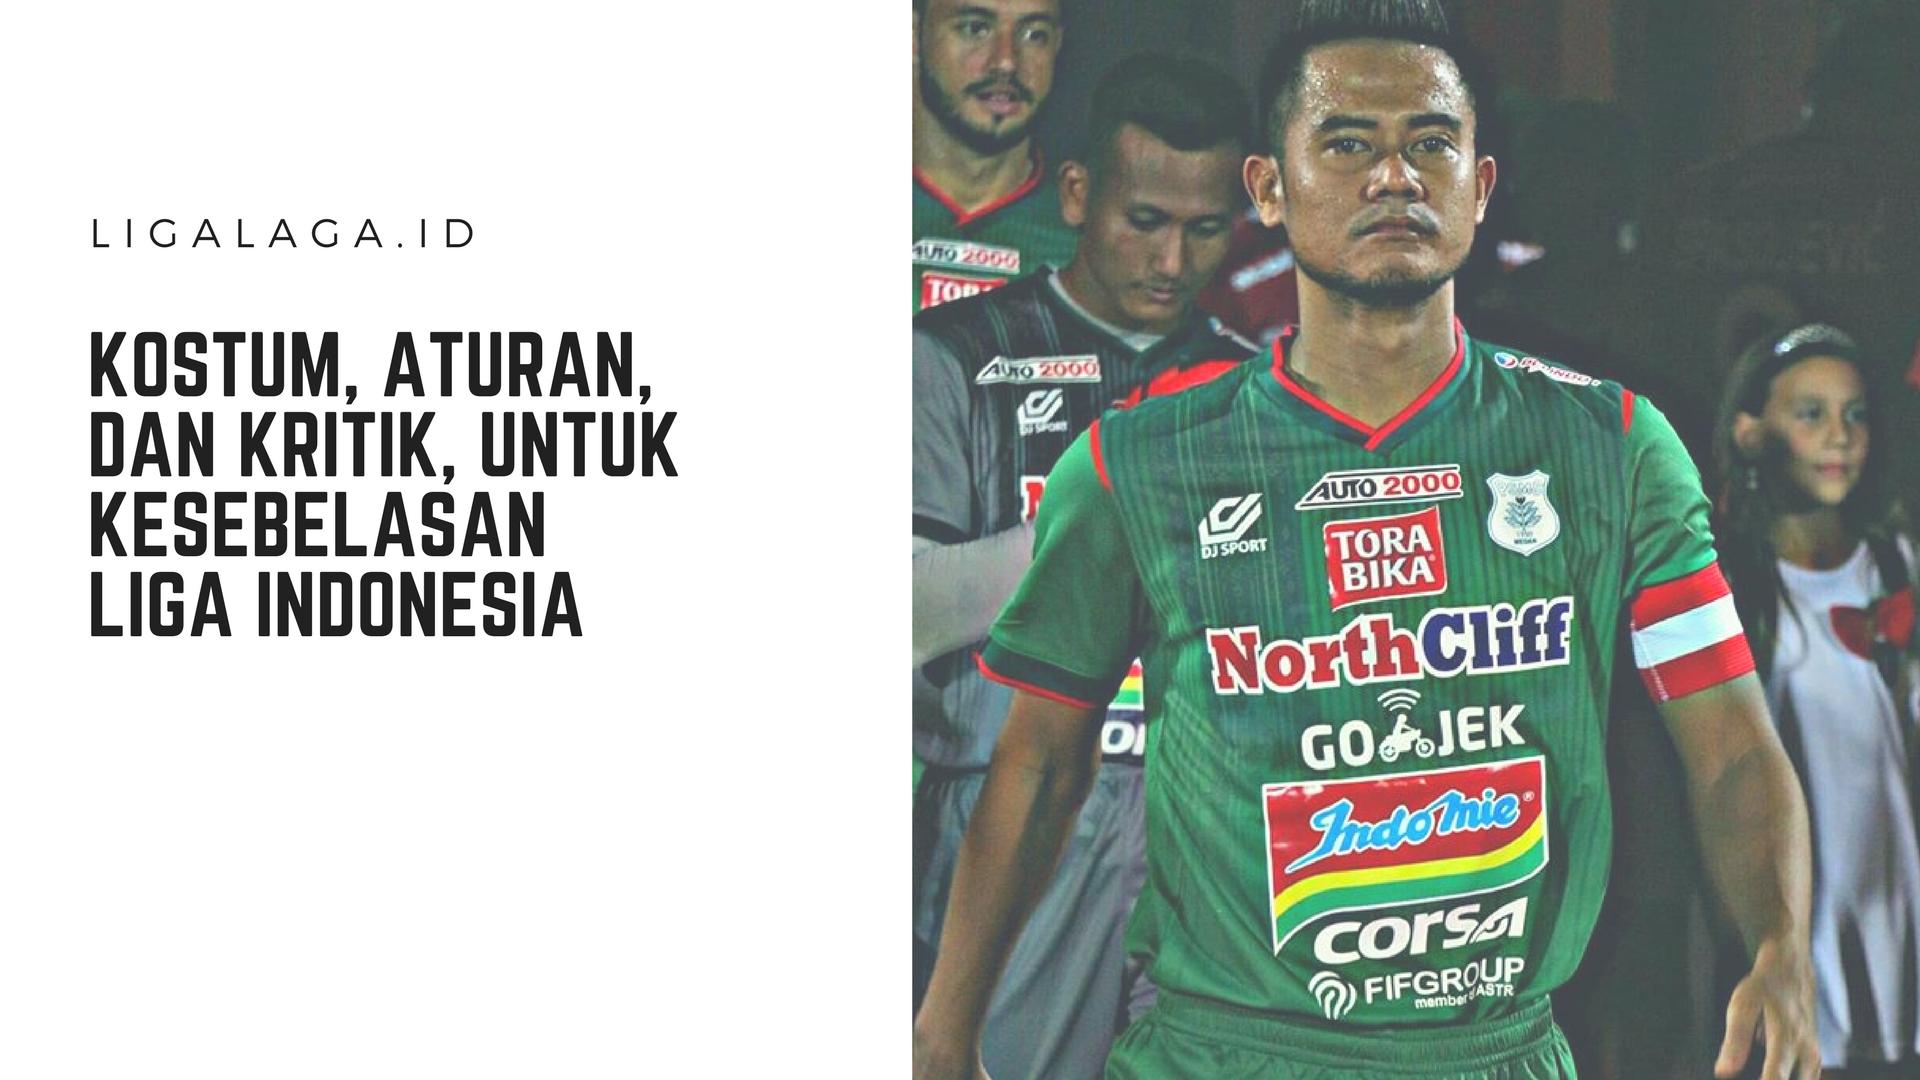 Kostum Aturan Dan Kritik Untuk Kesebelasan Liga Indonesia